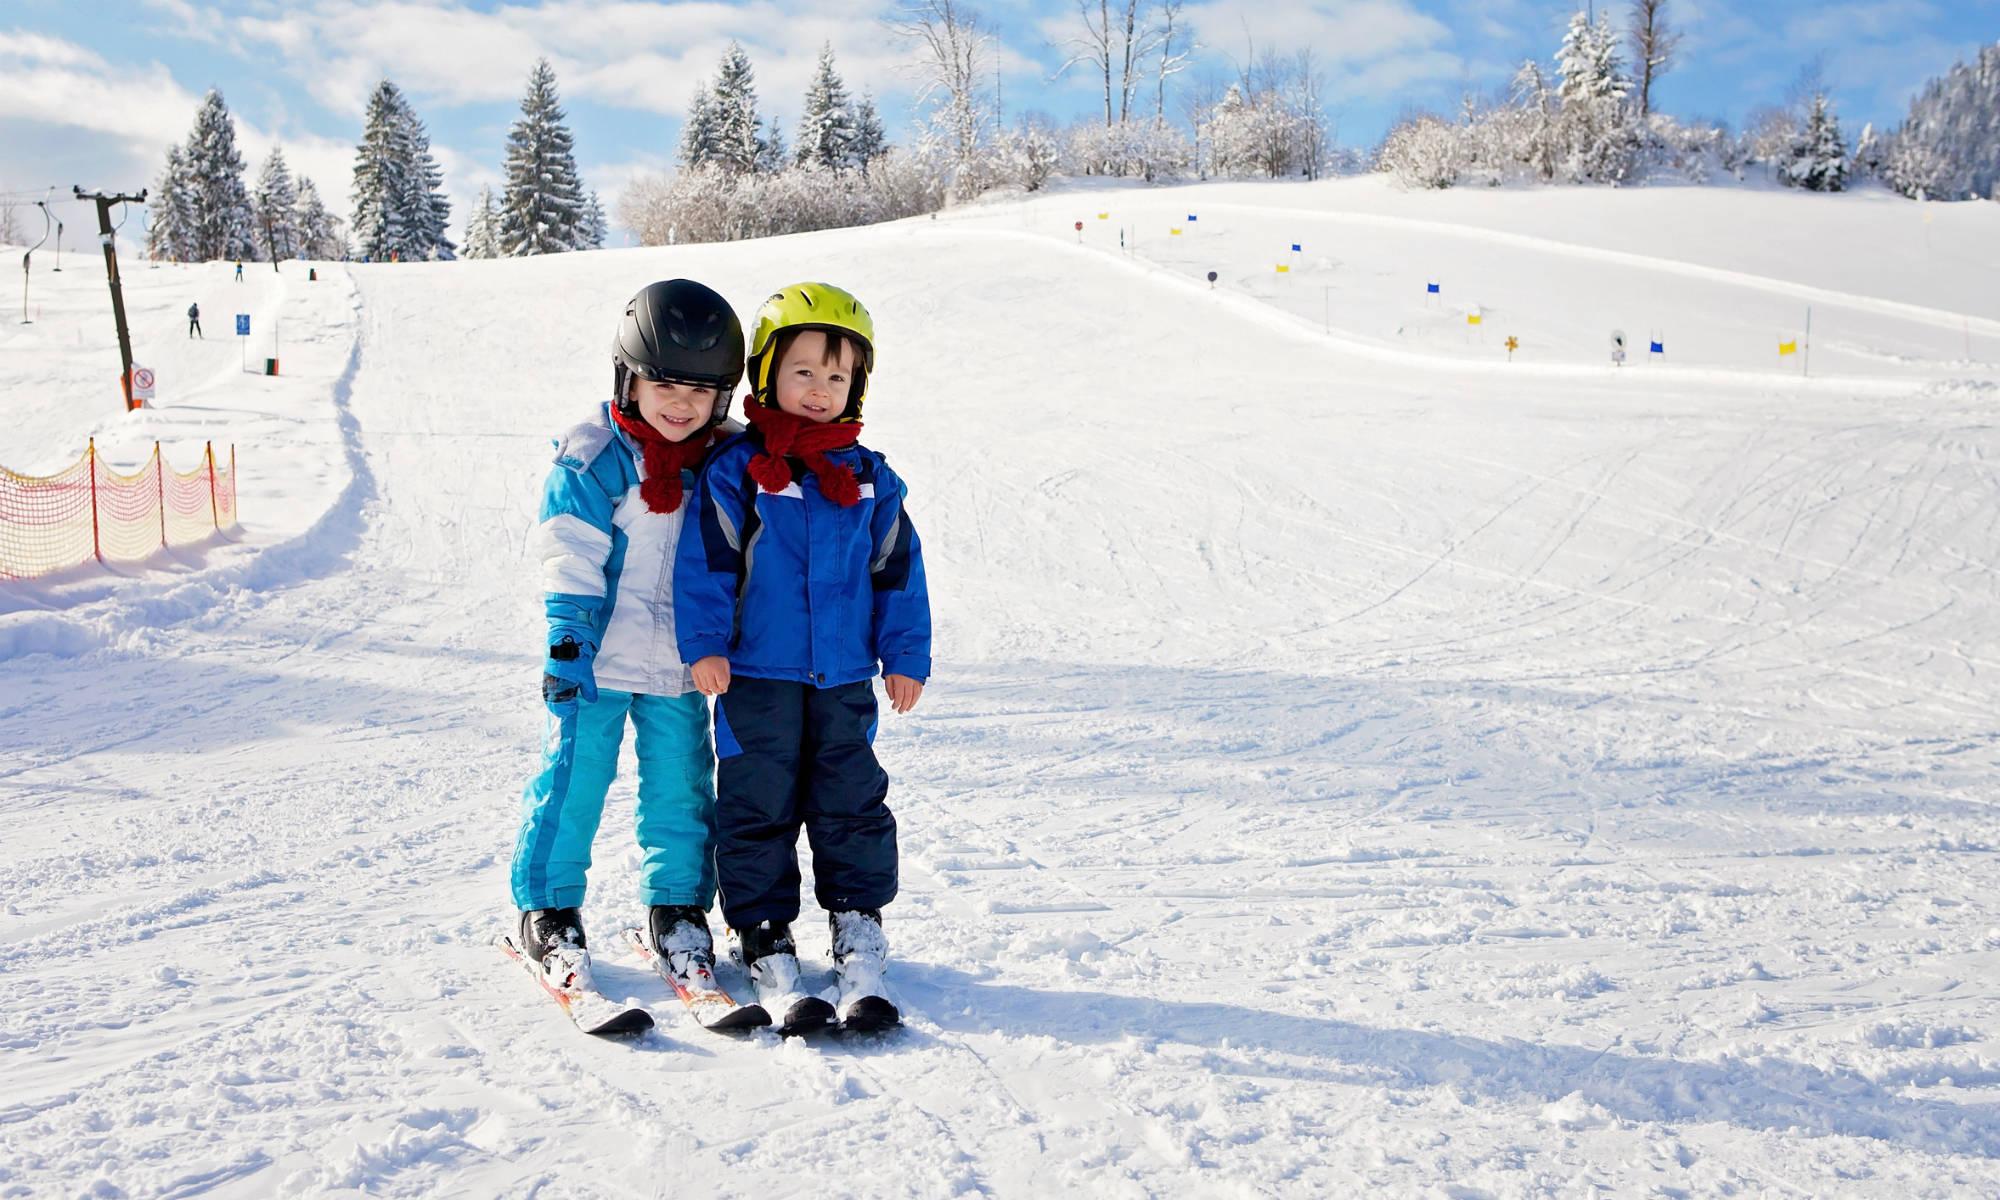 Zwei Kinder bei ihren ersten Skifahrer-Versuchen auf einer blauen Piste.